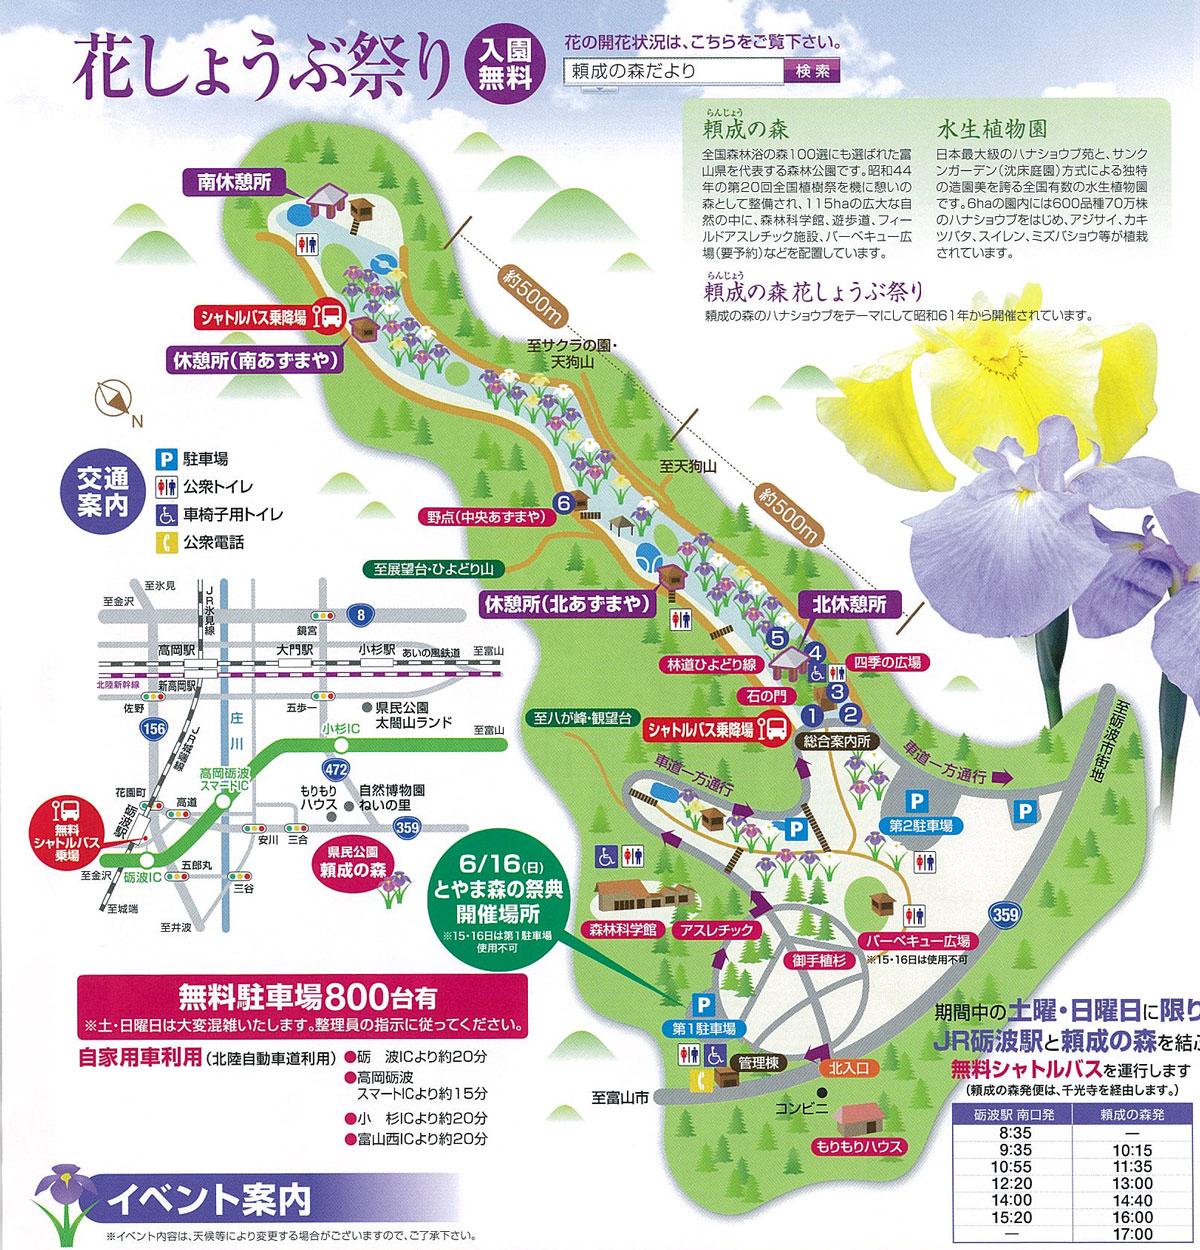 砺波市の花しょうぶ祭りの会場、頼成の森の全体マップ